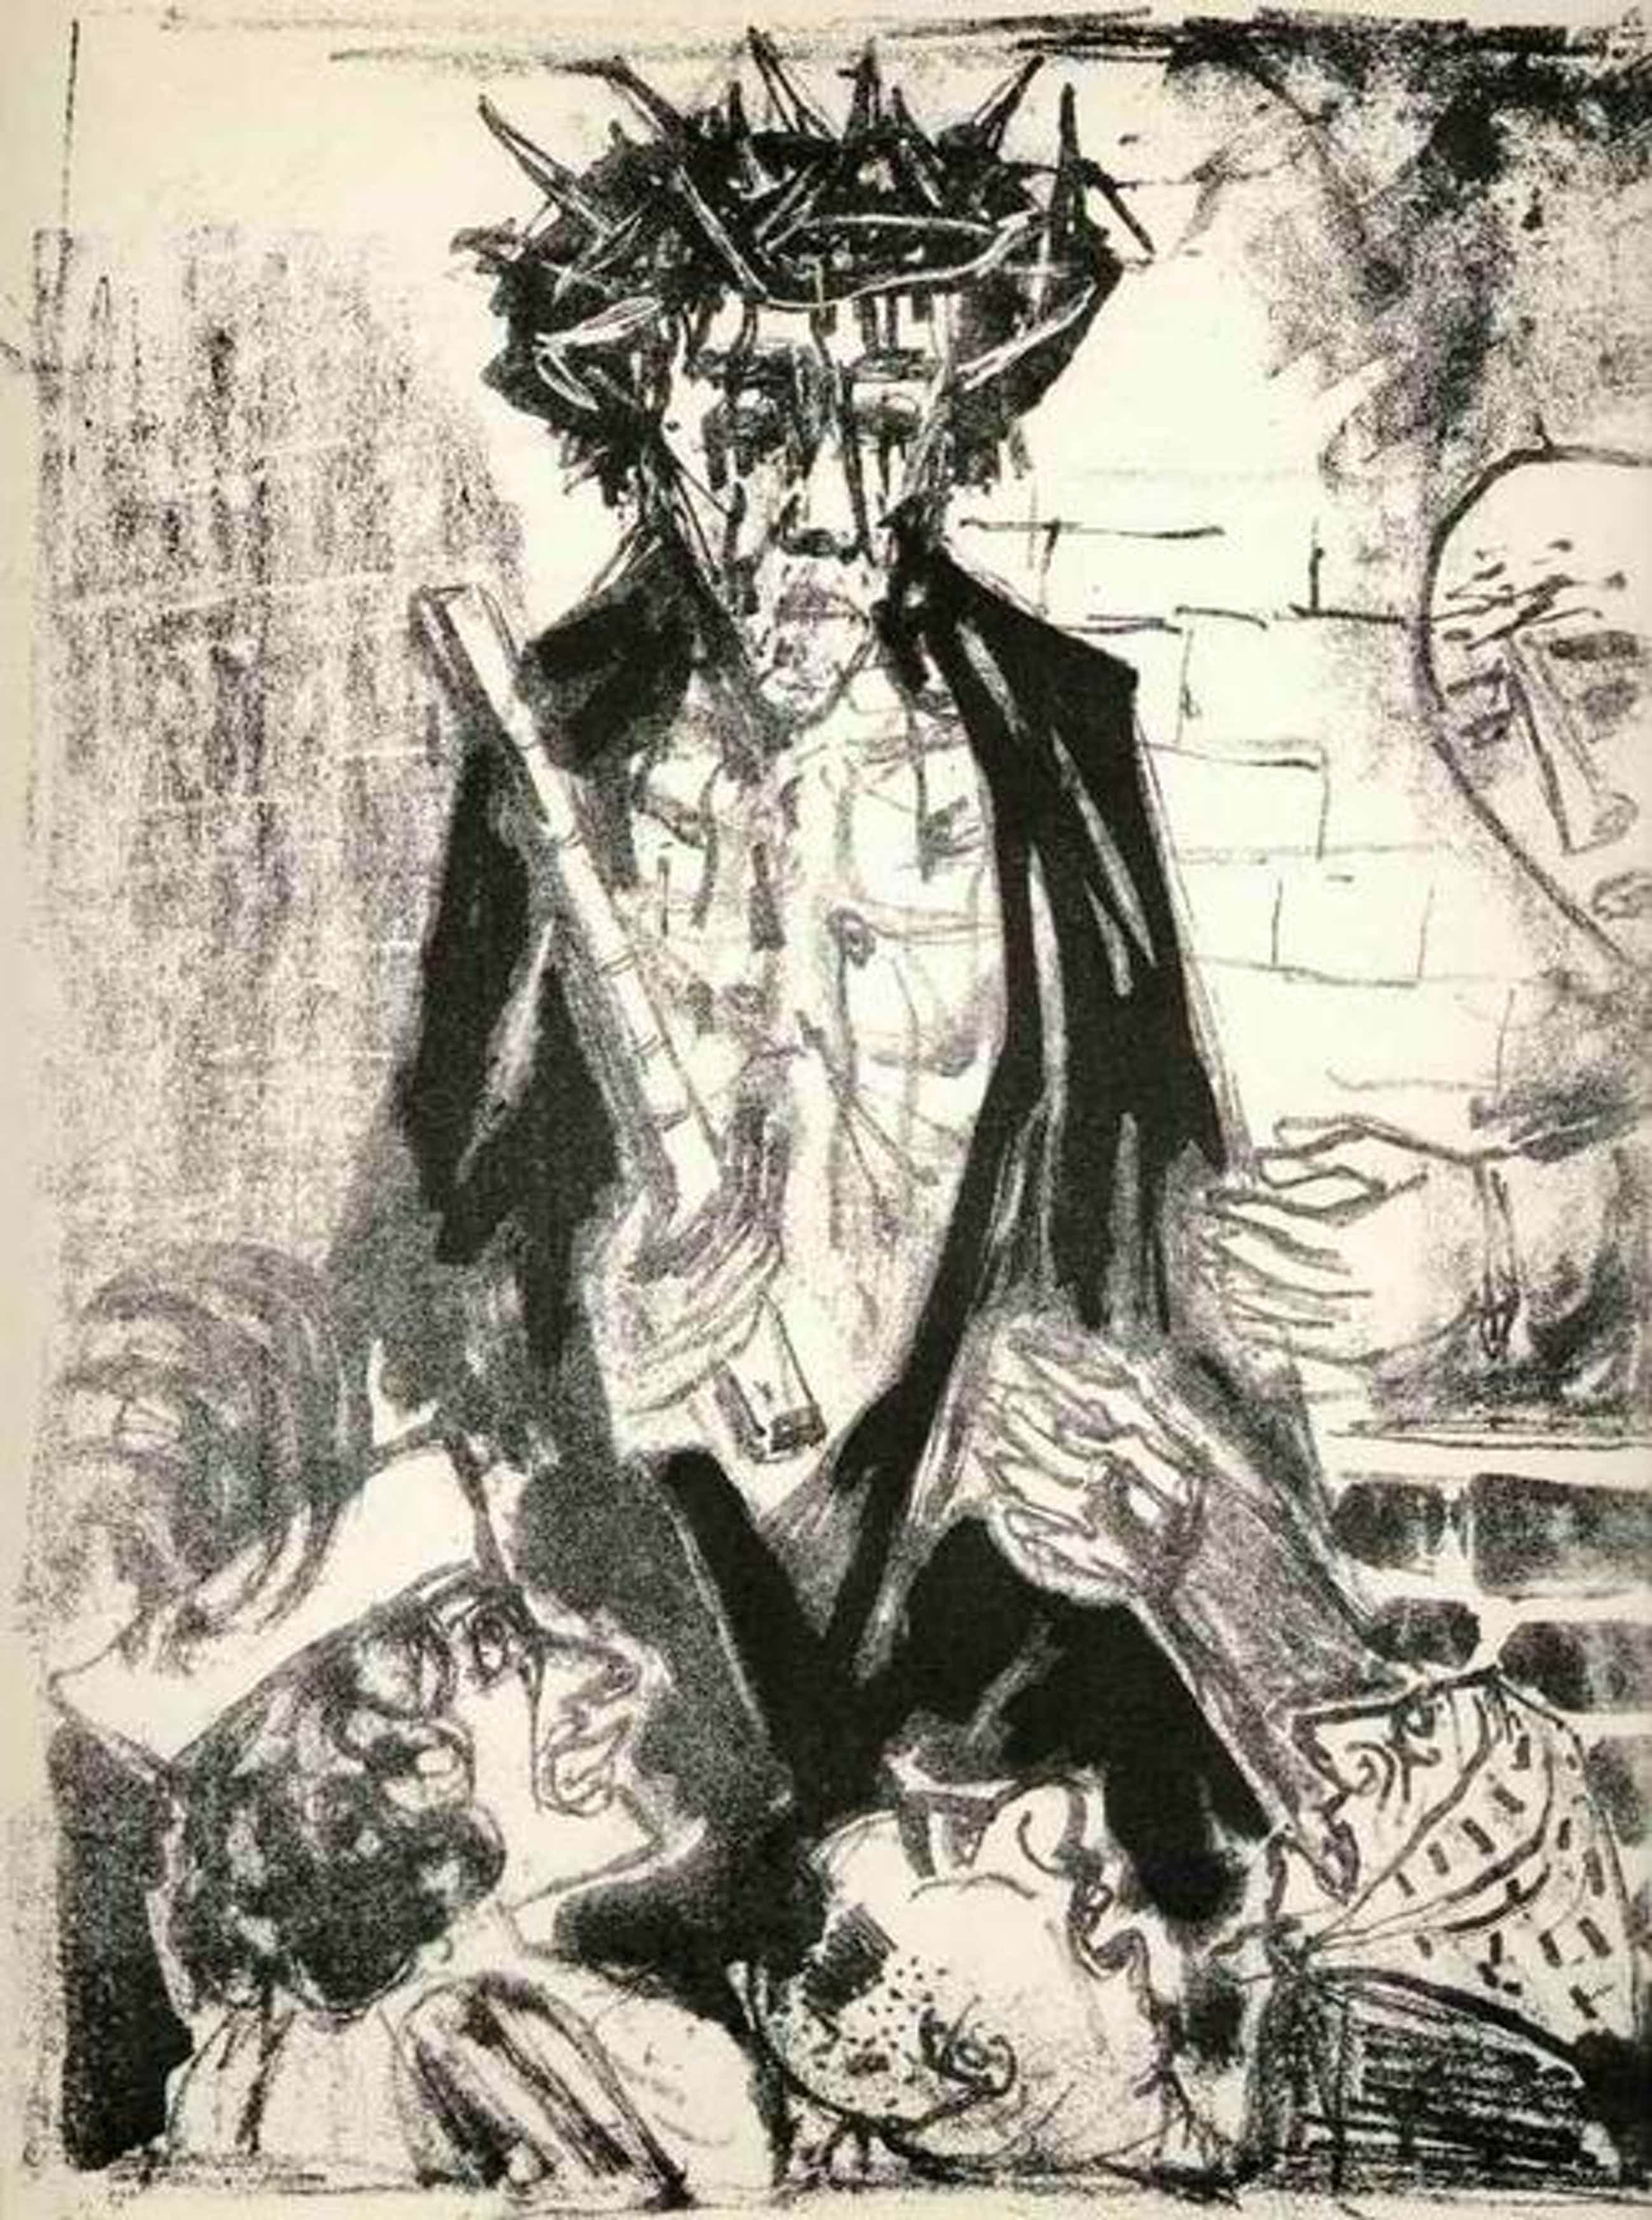 Otto Dix - GEGRÜSST SEIS DU, DER JUDEN KÖNIG - OriginalLithographie (Handabzug) DRESDENer SEZESSION kopen? Bied vanaf 75!